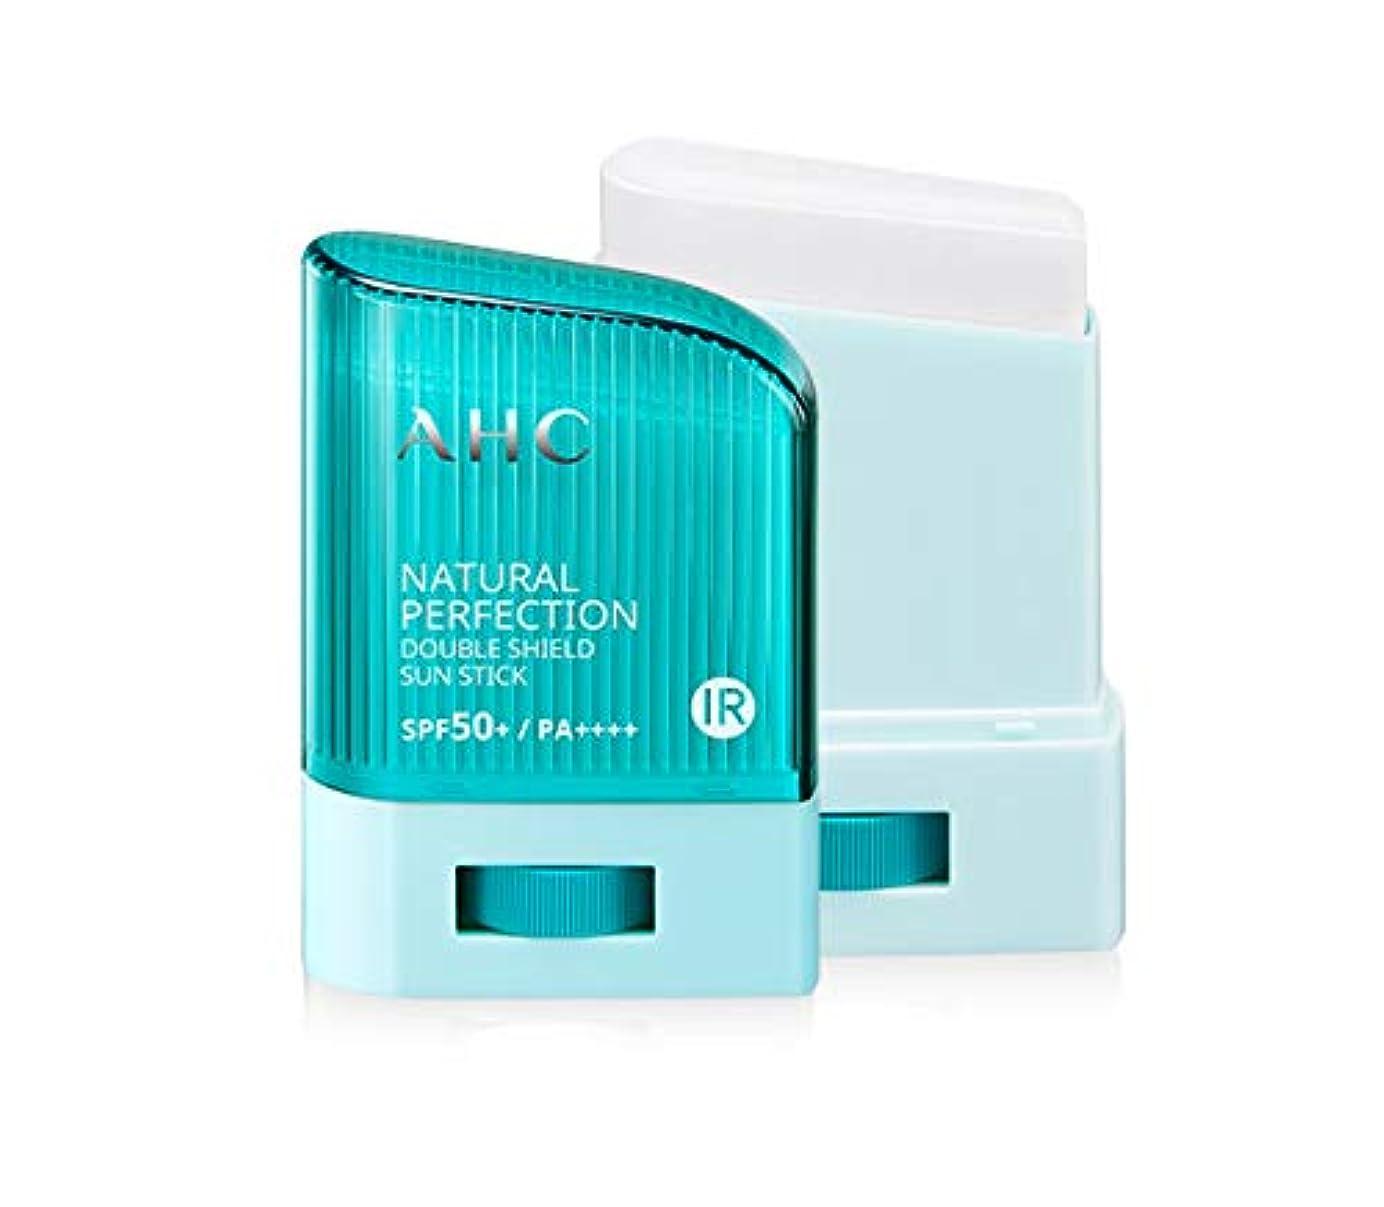 地球インクマニアックAHC ナチュラルパーフェクションダブルシールドサンスティック ブルー Natural Perfection Double Shield Sun Stick BLUE [並行輸入品] (14g)